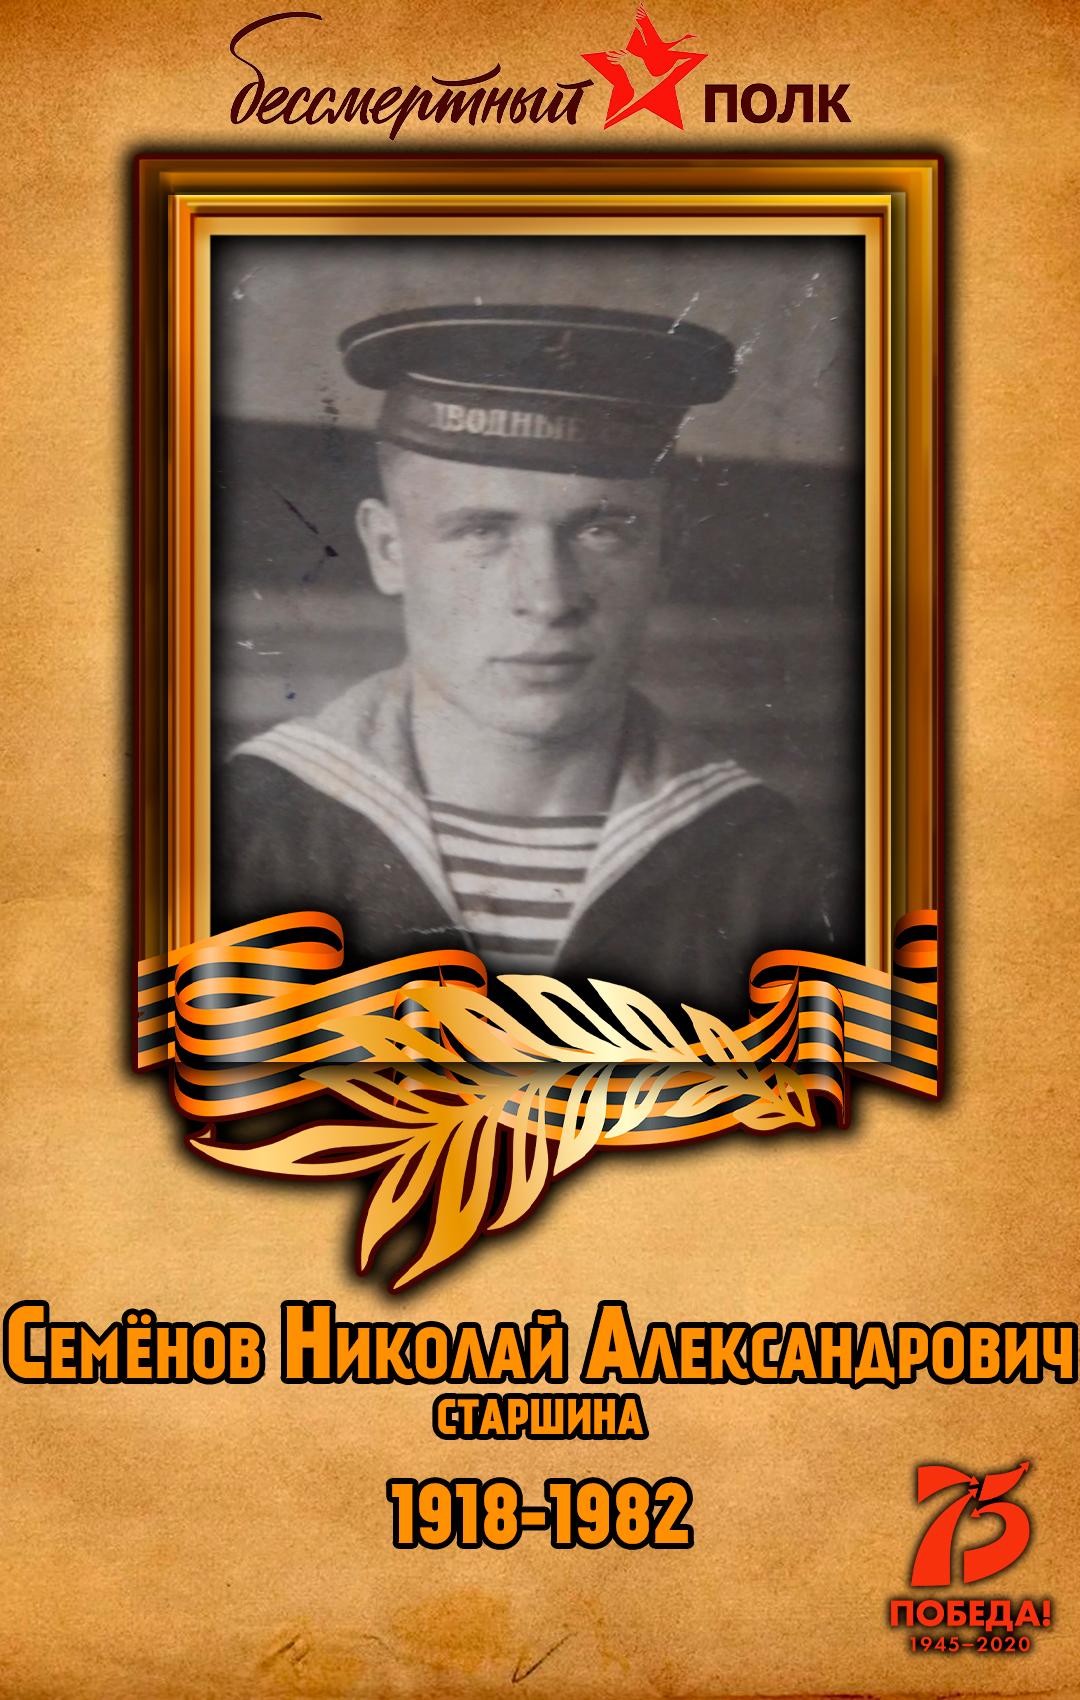 Семёнов-Николай-Александрович